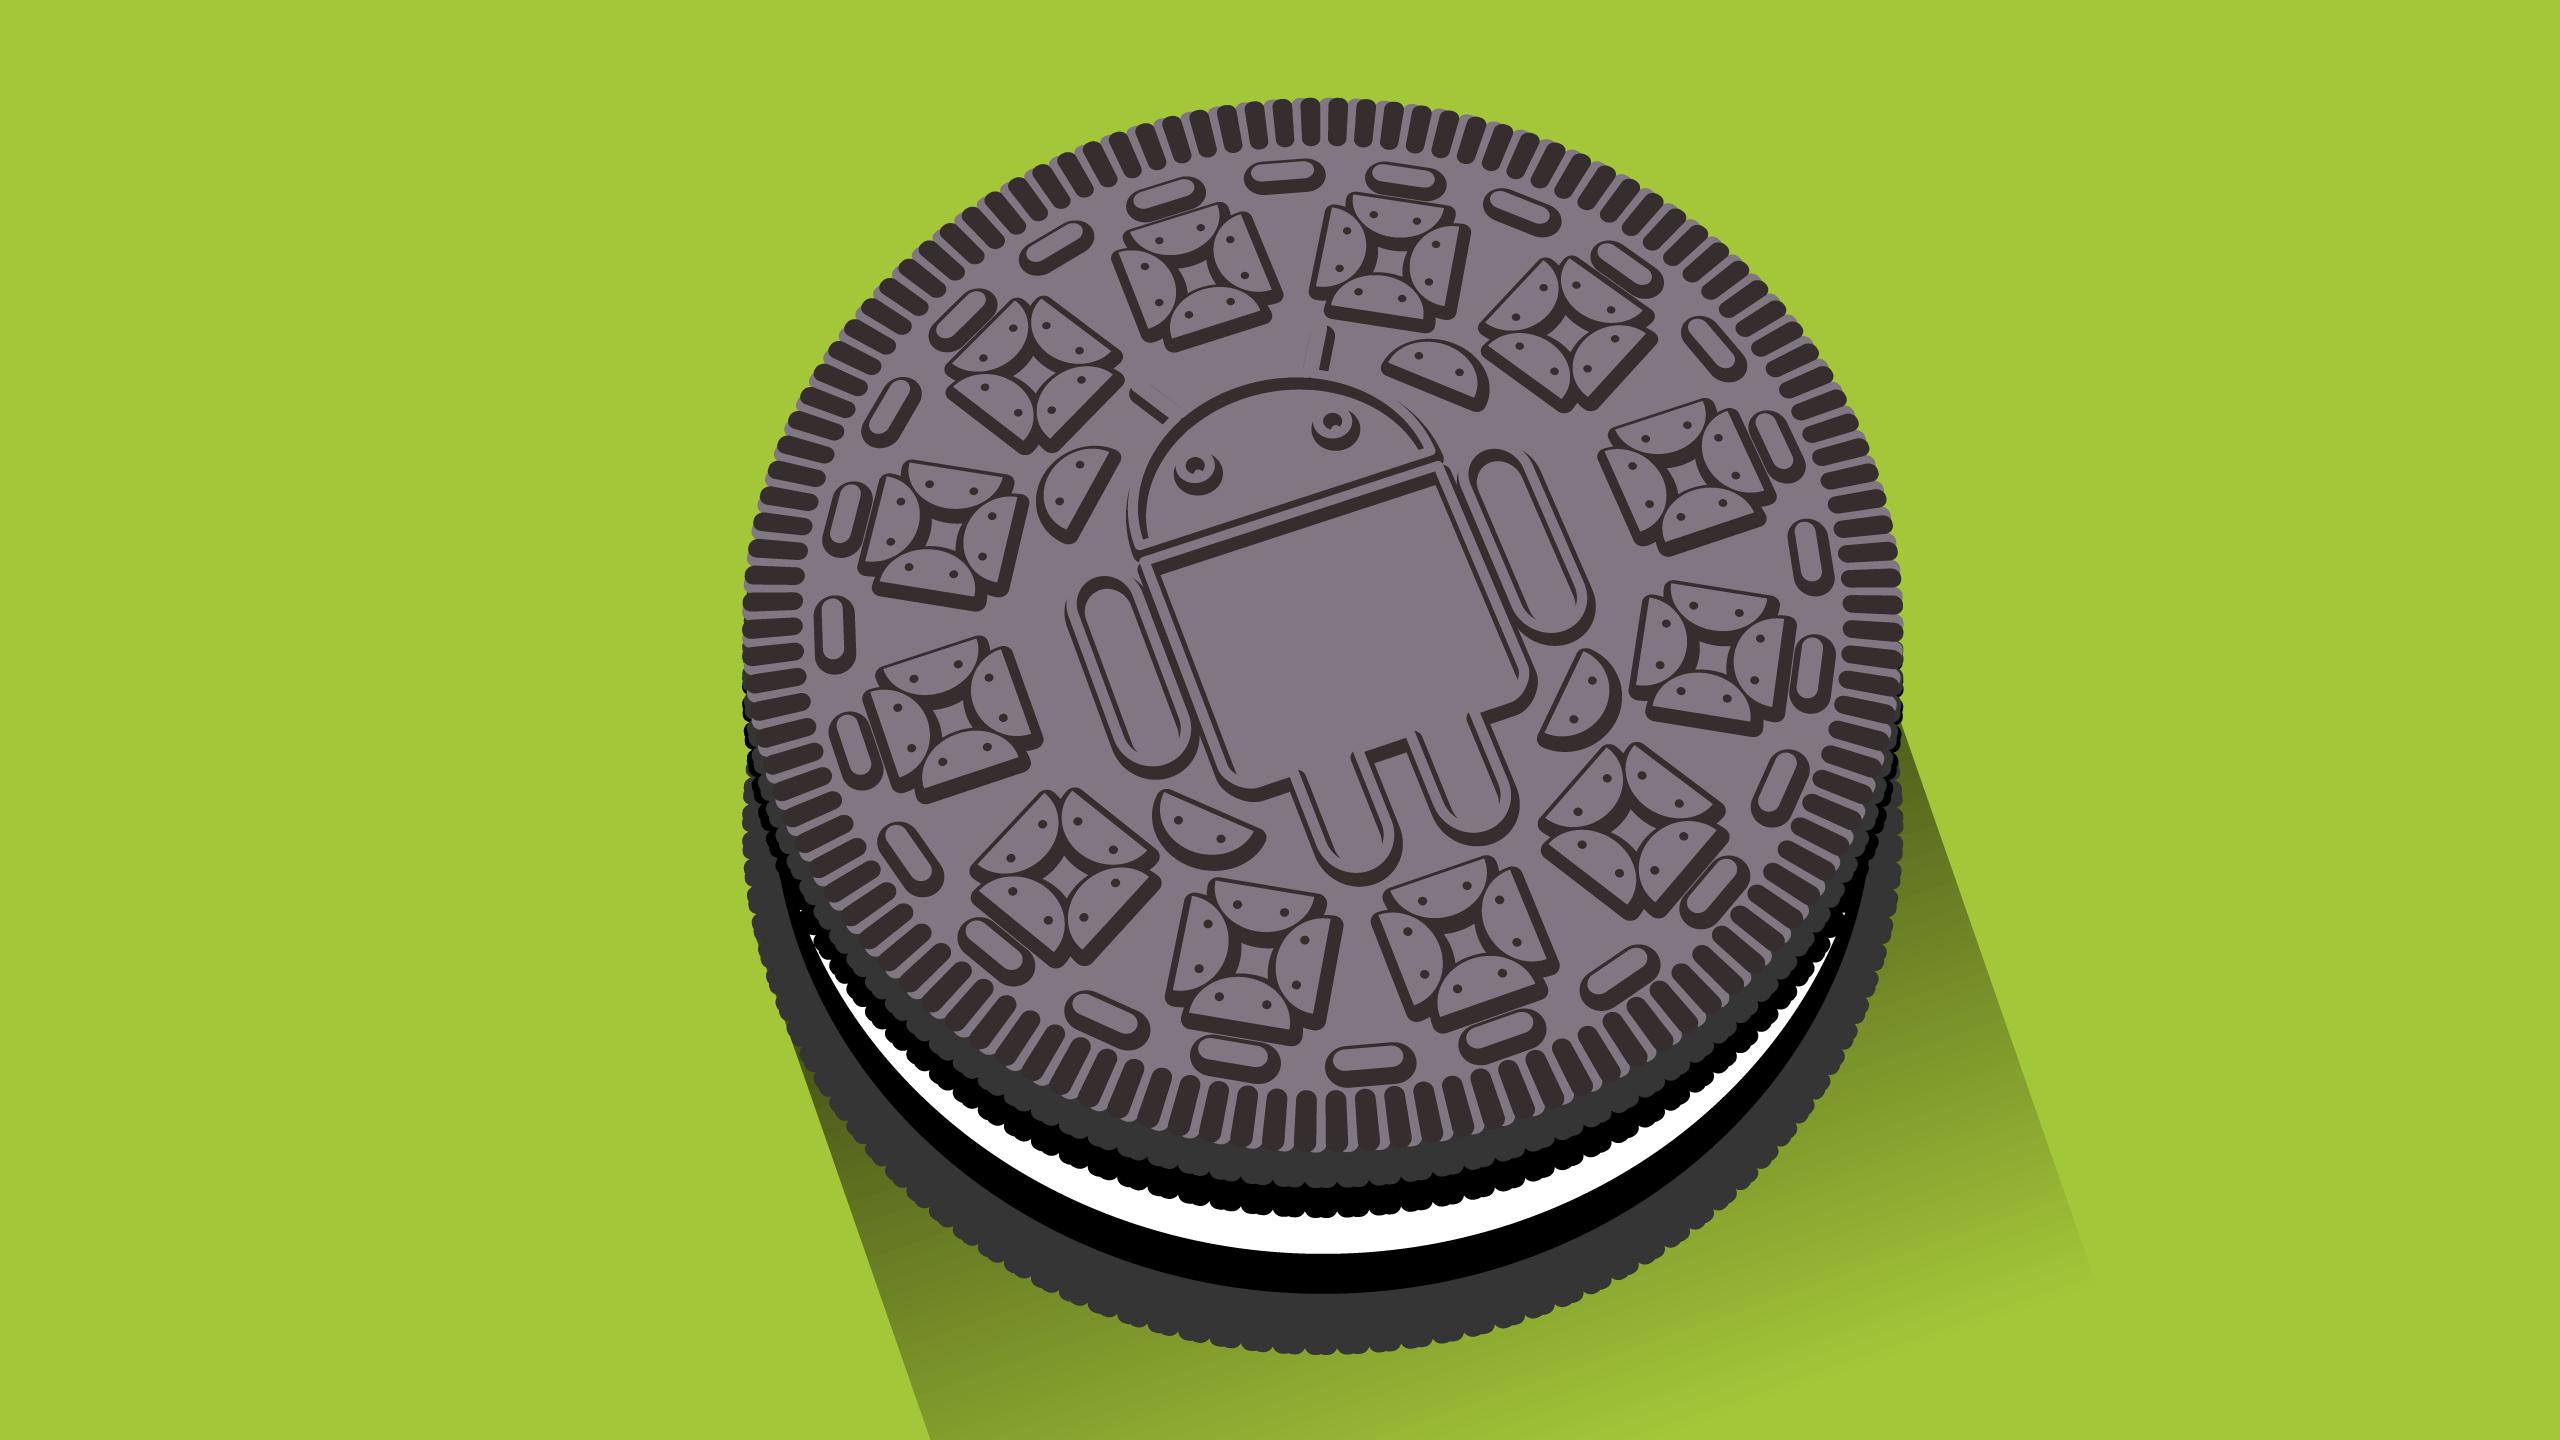 Übersicht: Welche Smartphones bekommen eigentlich Android Oreo?